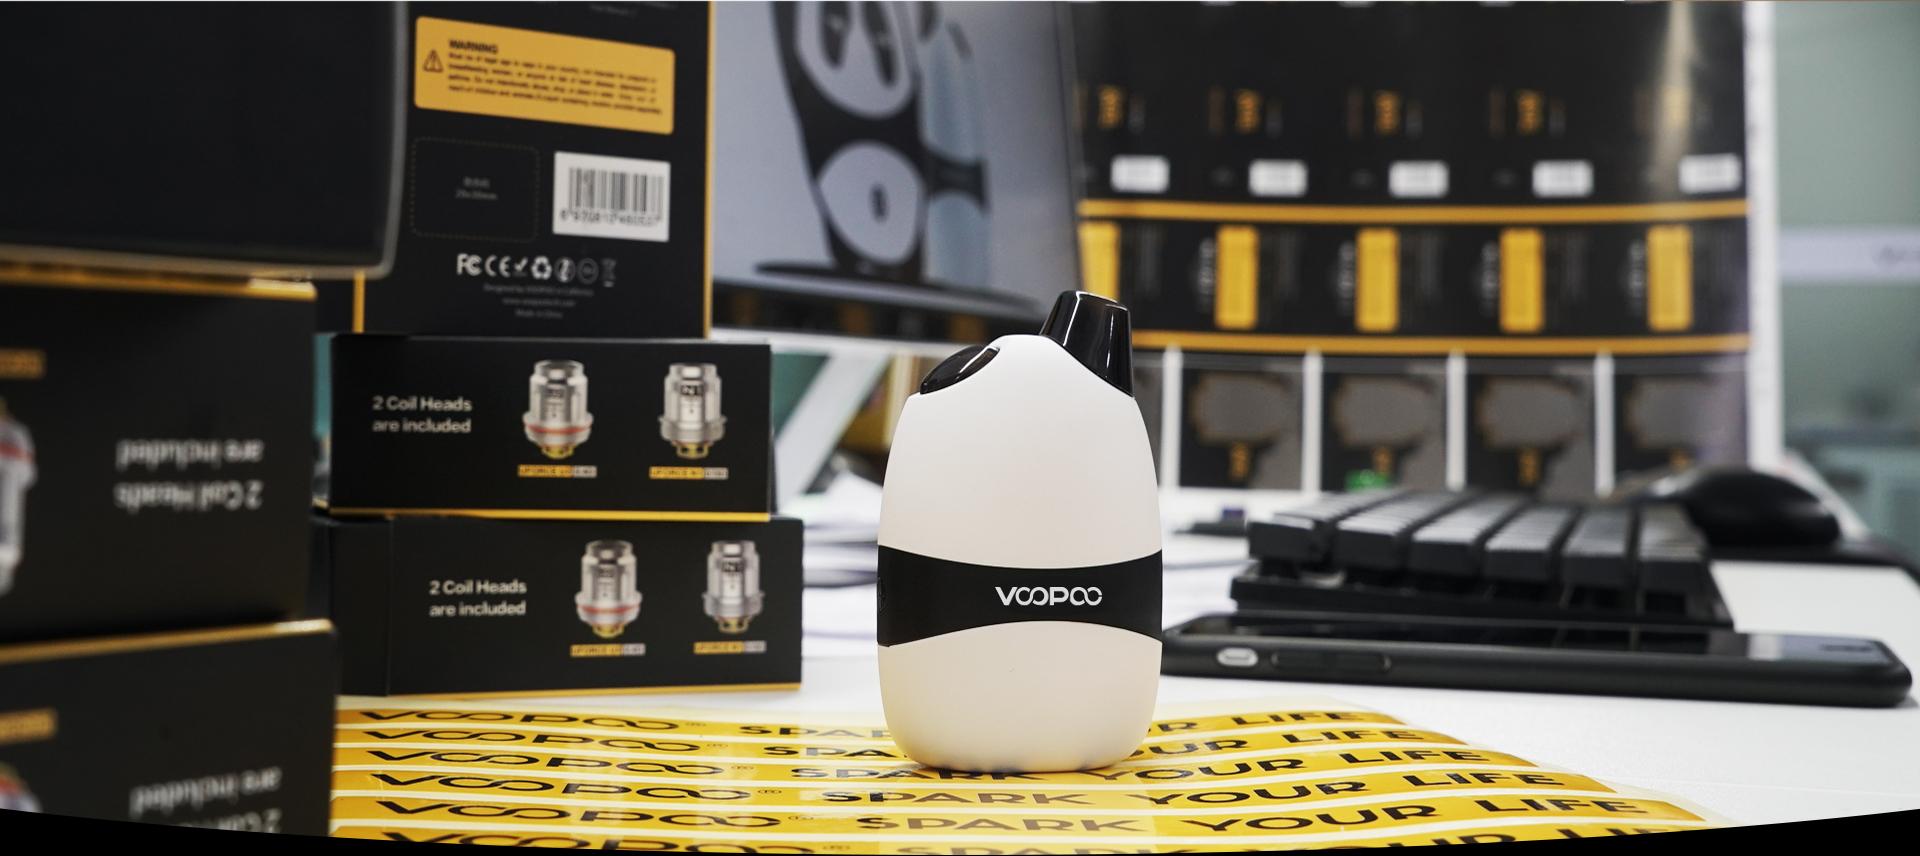 Voopoo Panda Vaping Kit icludes